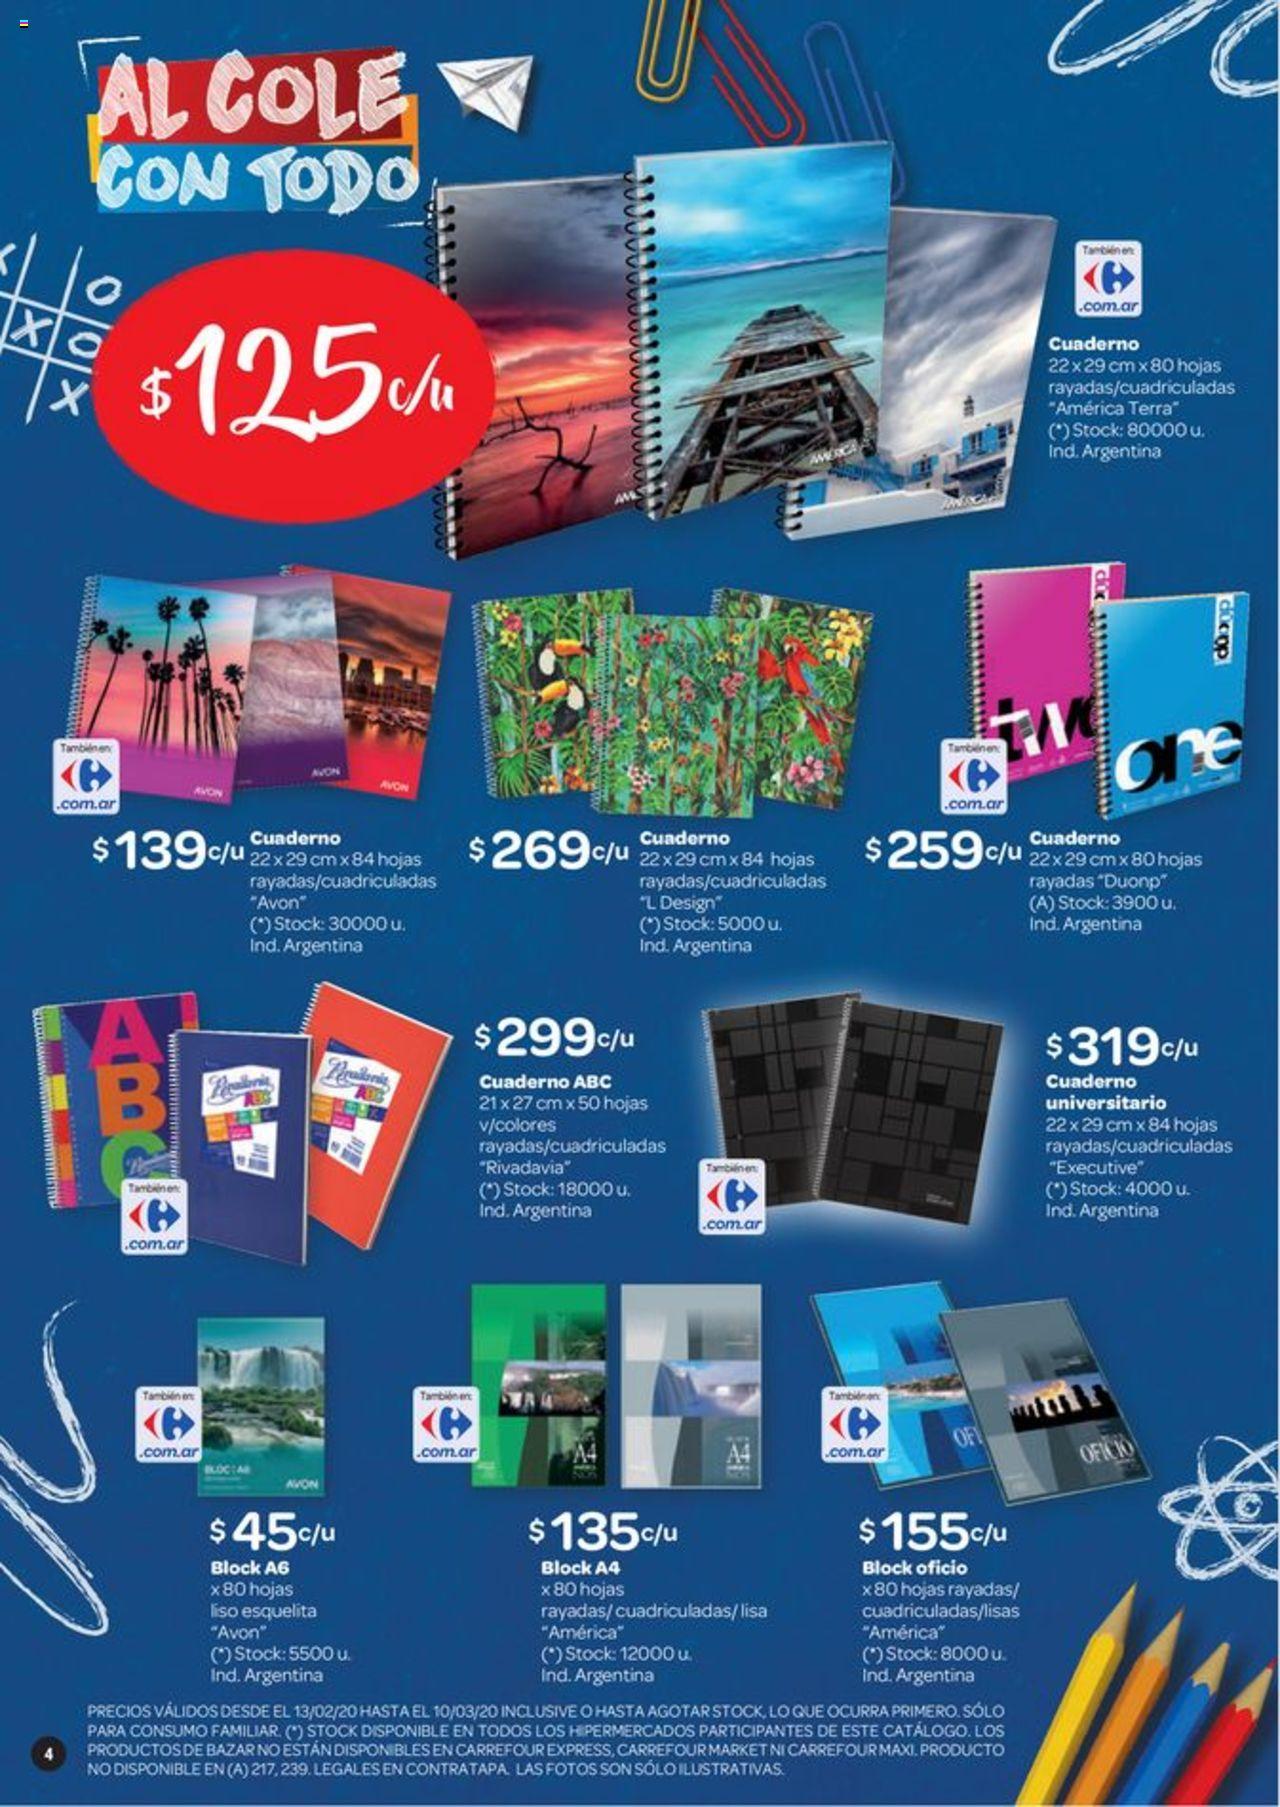 Carrefour Oferta válido desde el 13/02/2020 número de página 1 | Página: 4